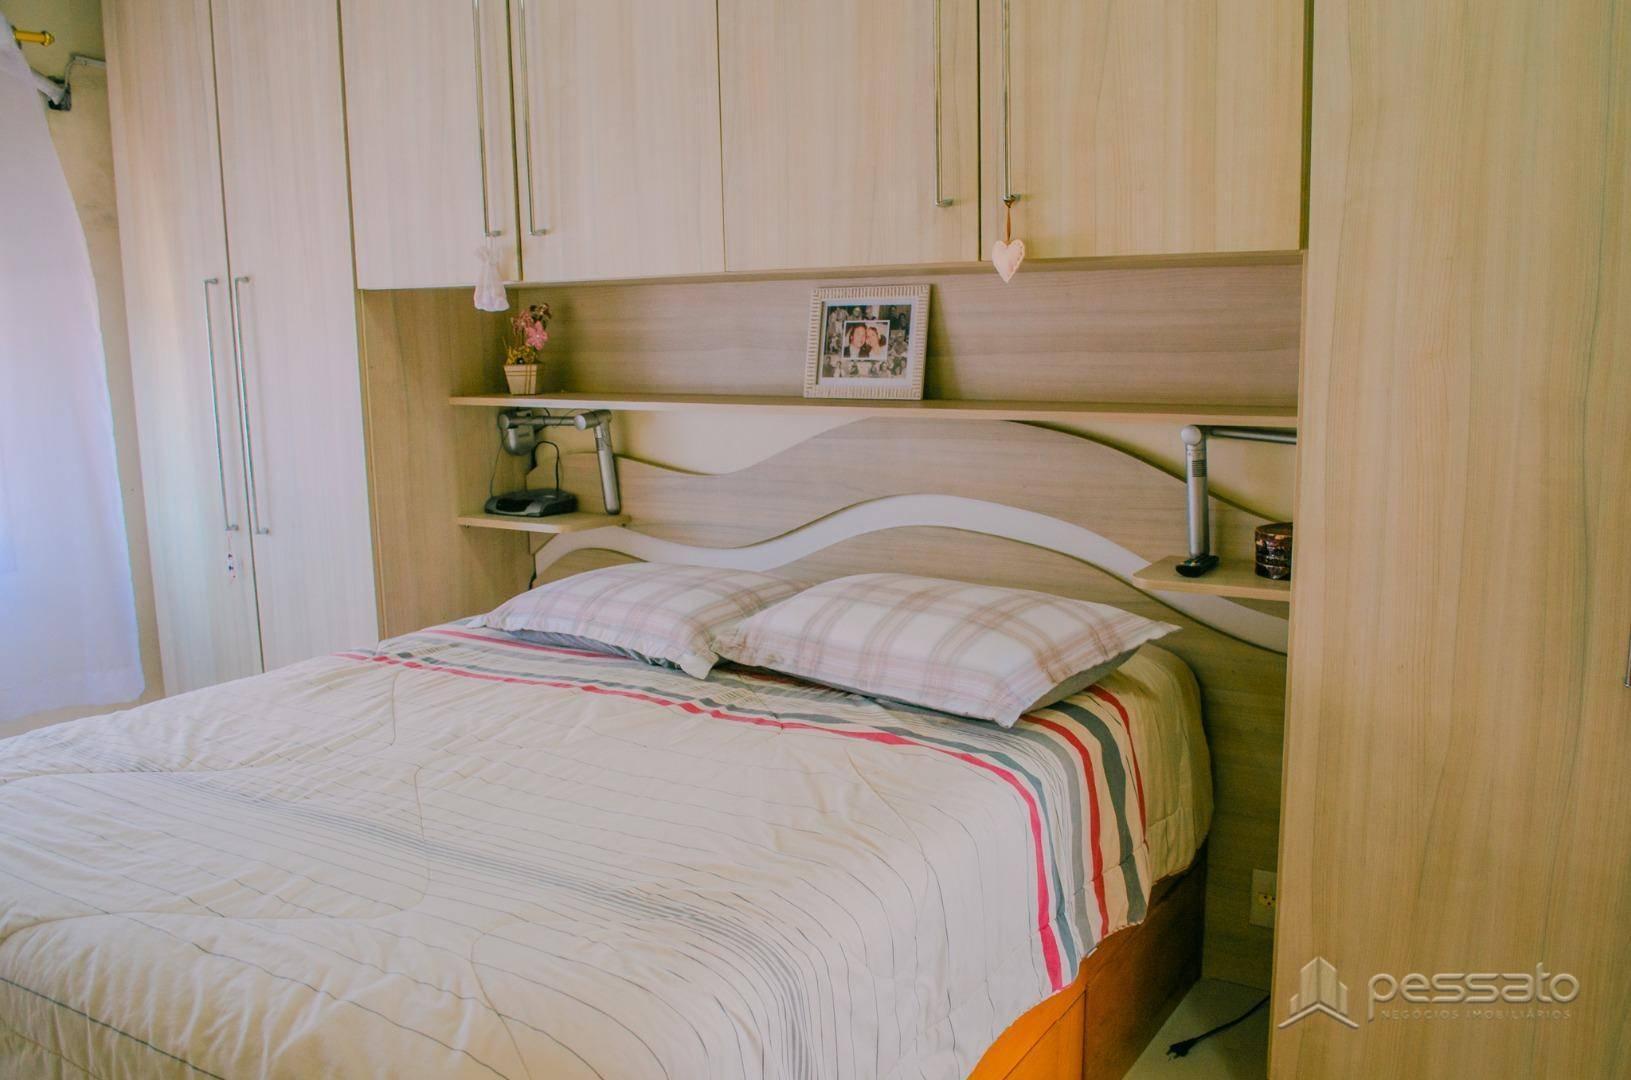 apartamento 3 dormitórios em Gravataí, no bairro Salgado Filho